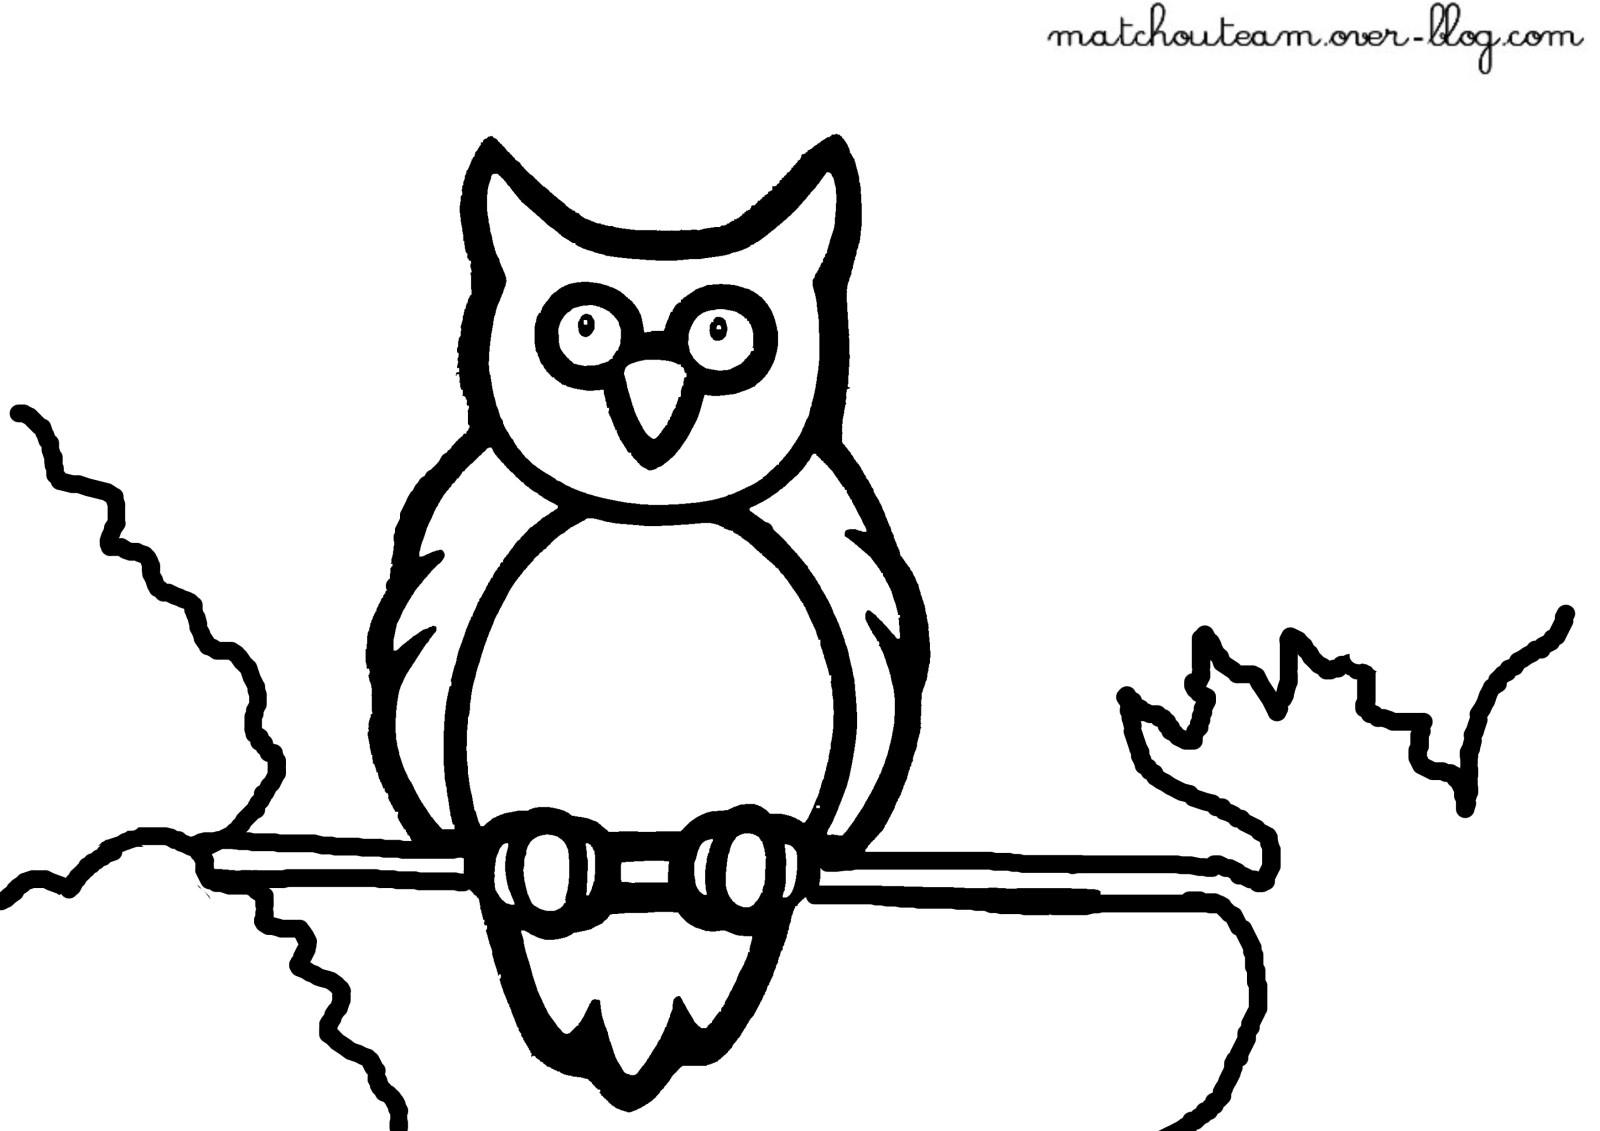 Hibou #131 (Animaux) – Coloriages À Imprimer encequiconcerne Hibou A Imprimer